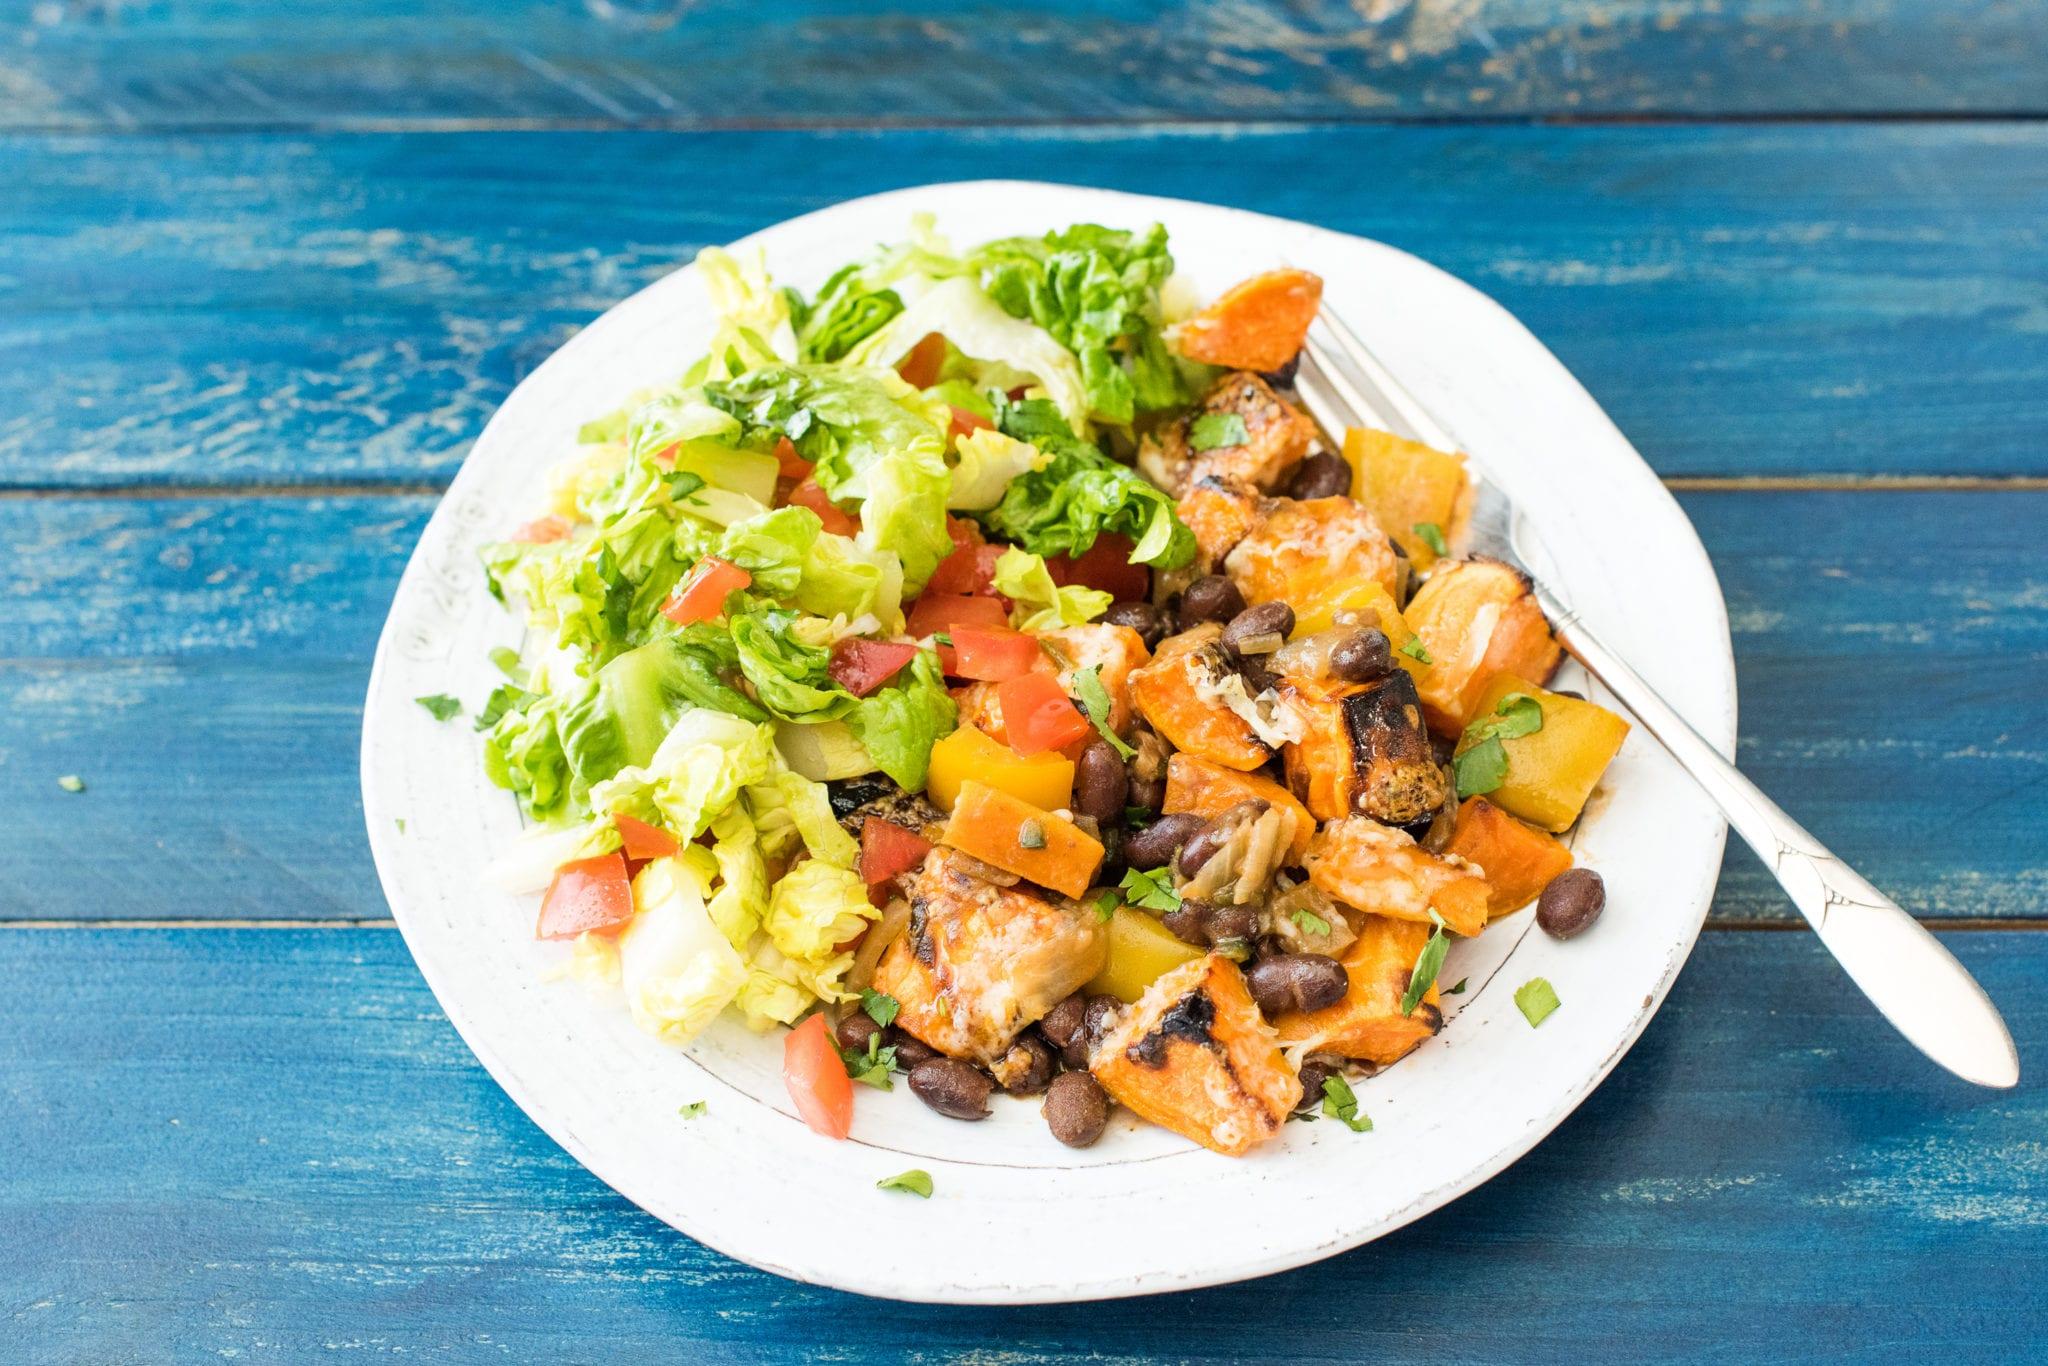 ... Vegetarian feijoada recipe: Brazilian sweet potato black bean stew